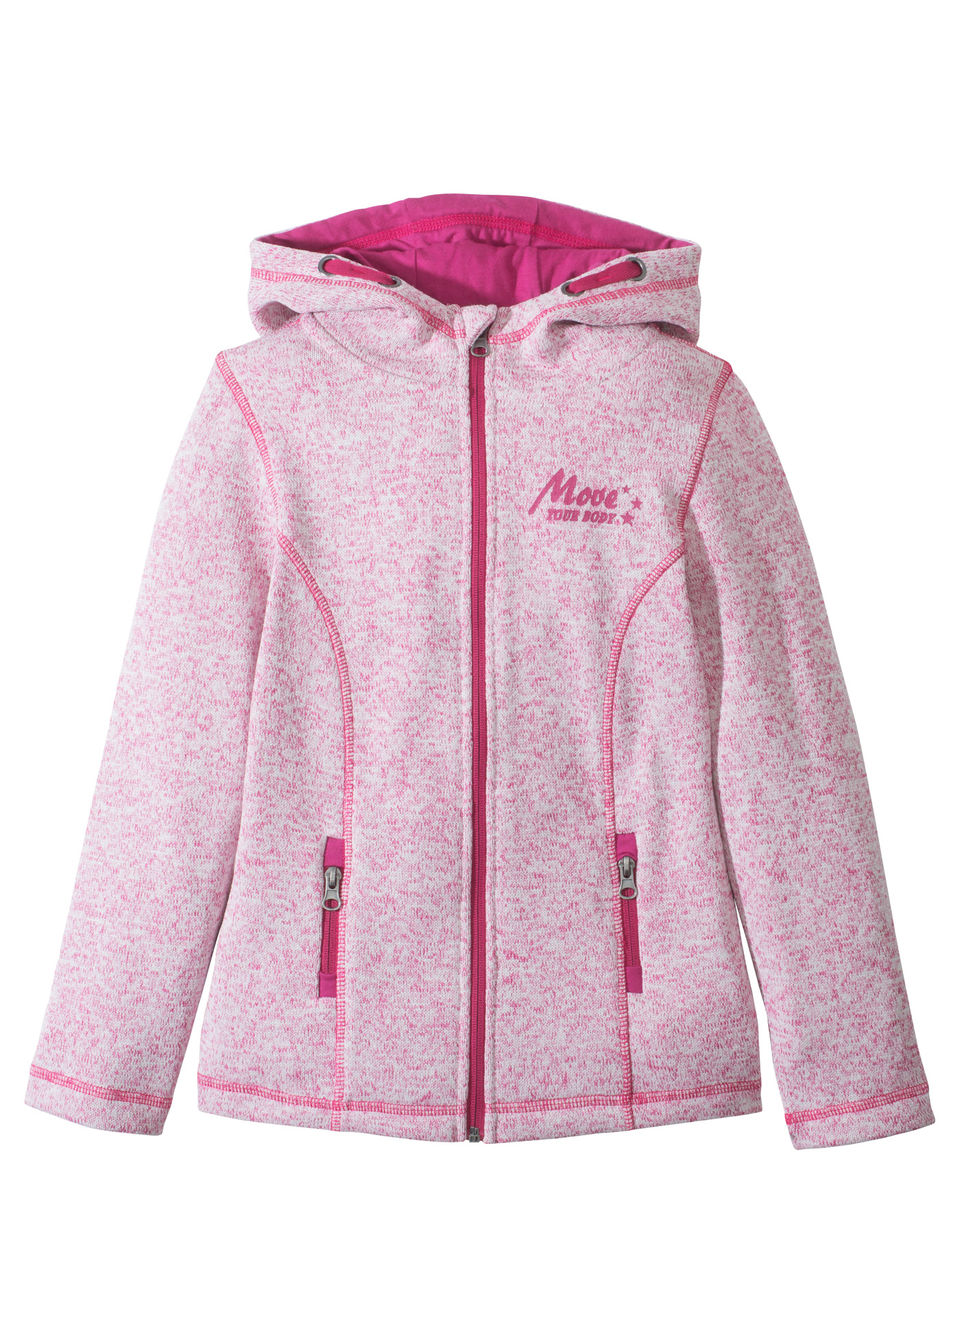 Купить Куртки и плащи, Флисовая куртка, bonprix, ярко-розовый фламинго-меланж цвета белой шерсти